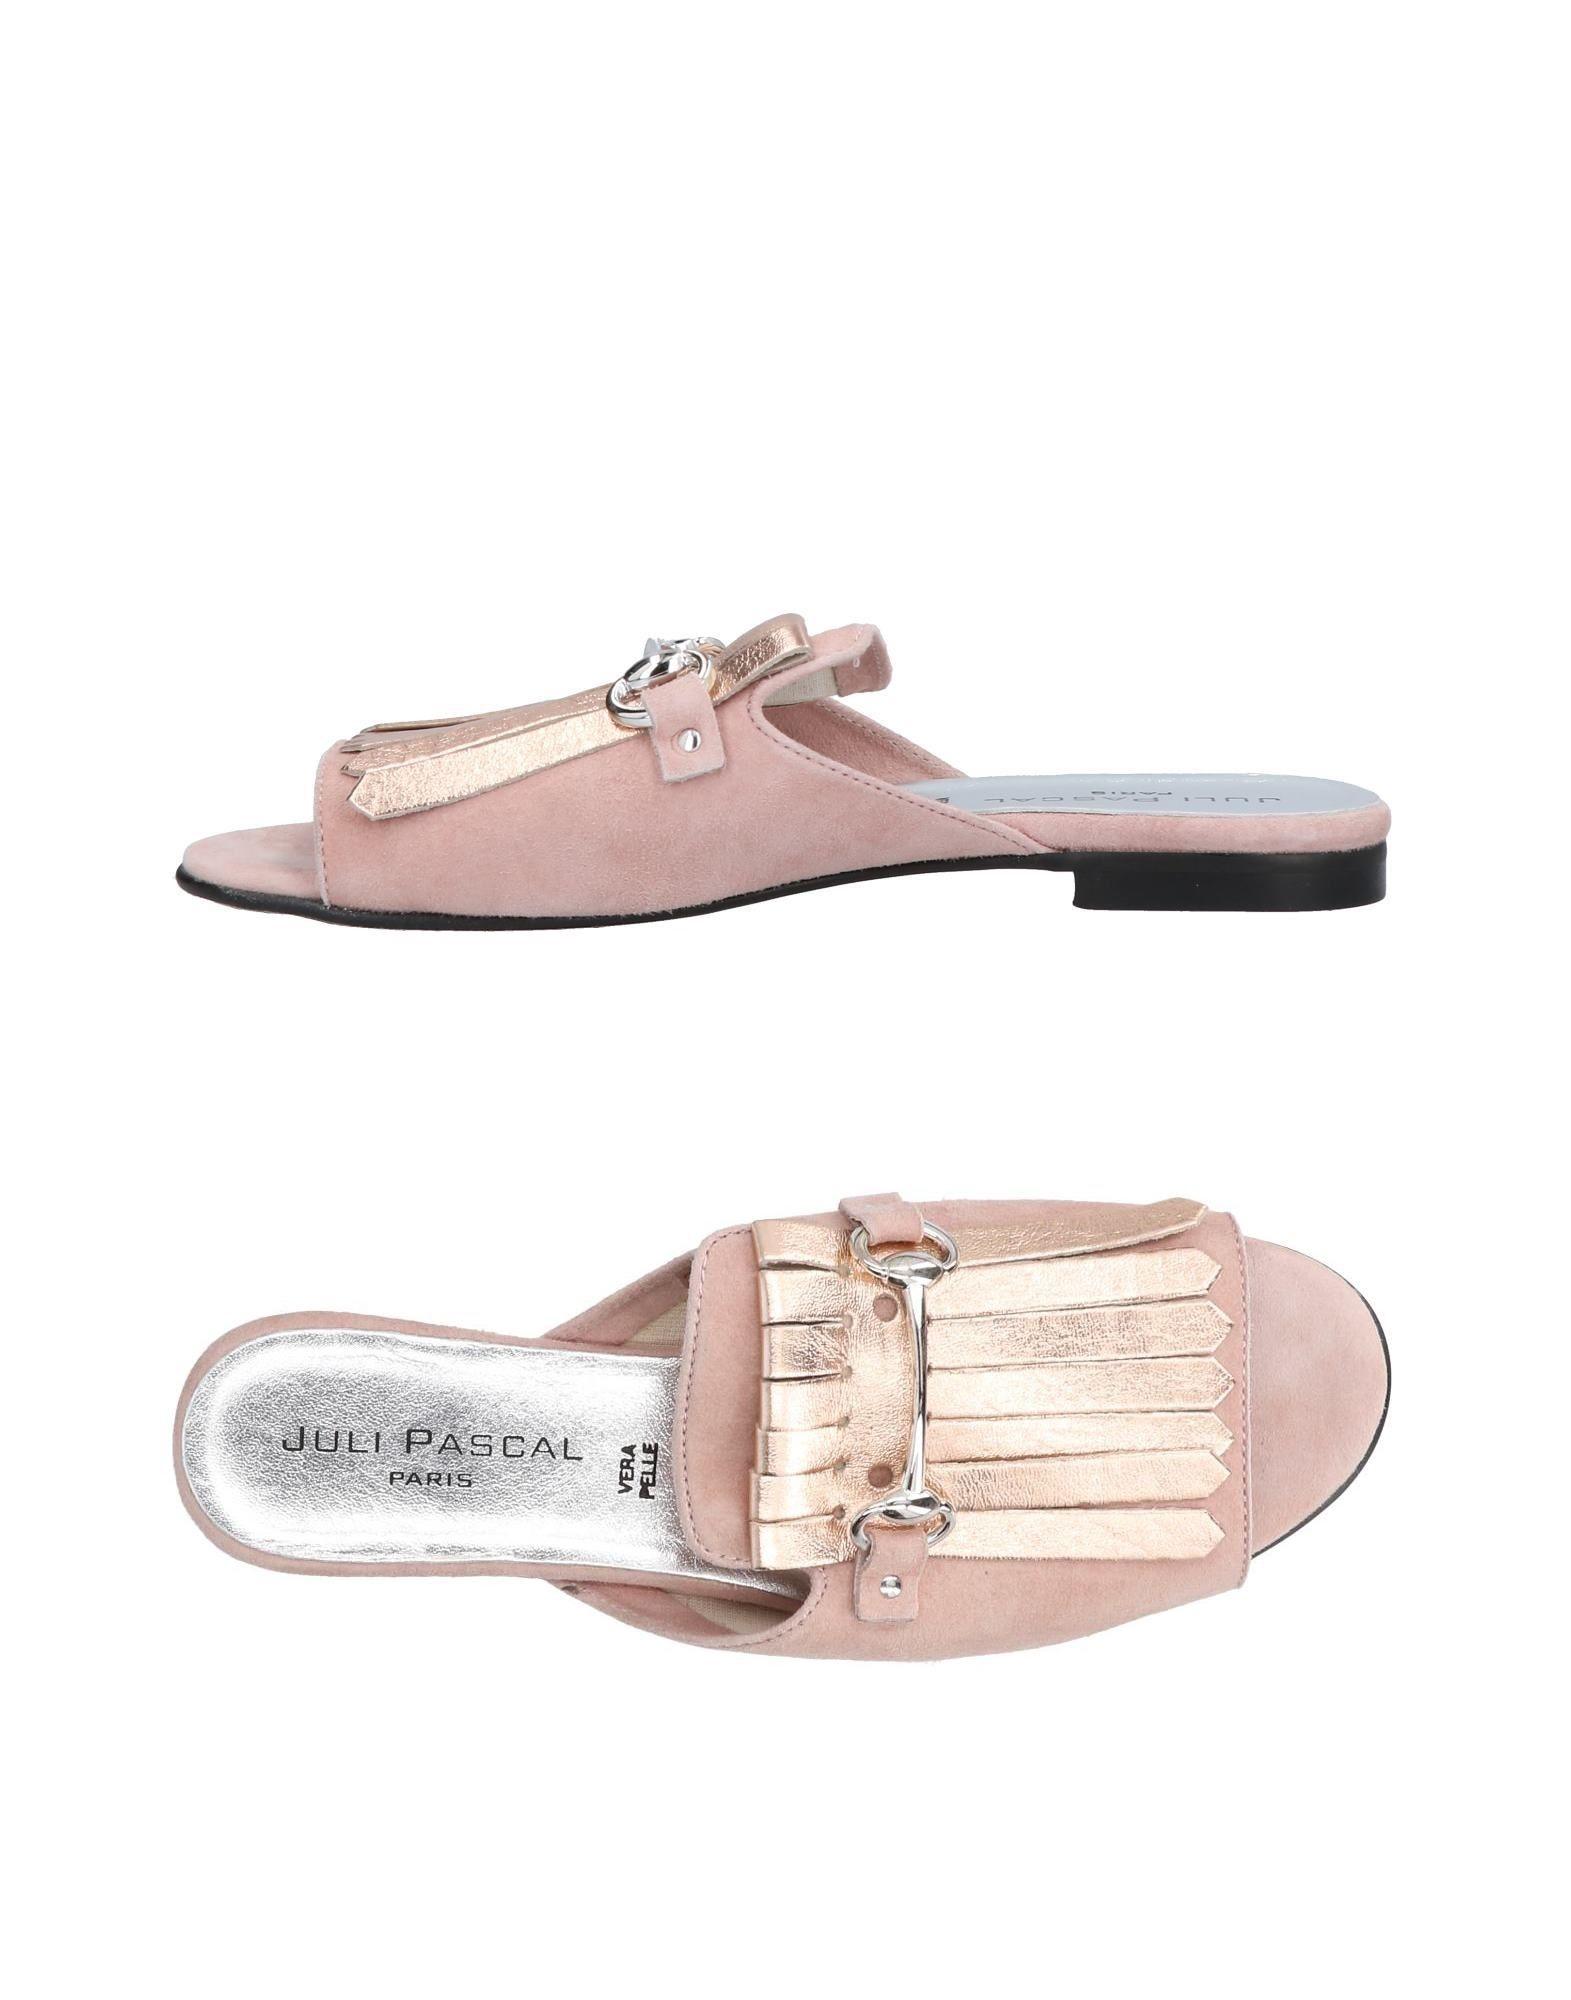 Juli Pascal Paris Sandalen Damen  11455273CA Gute Qualität beliebte Schuhe